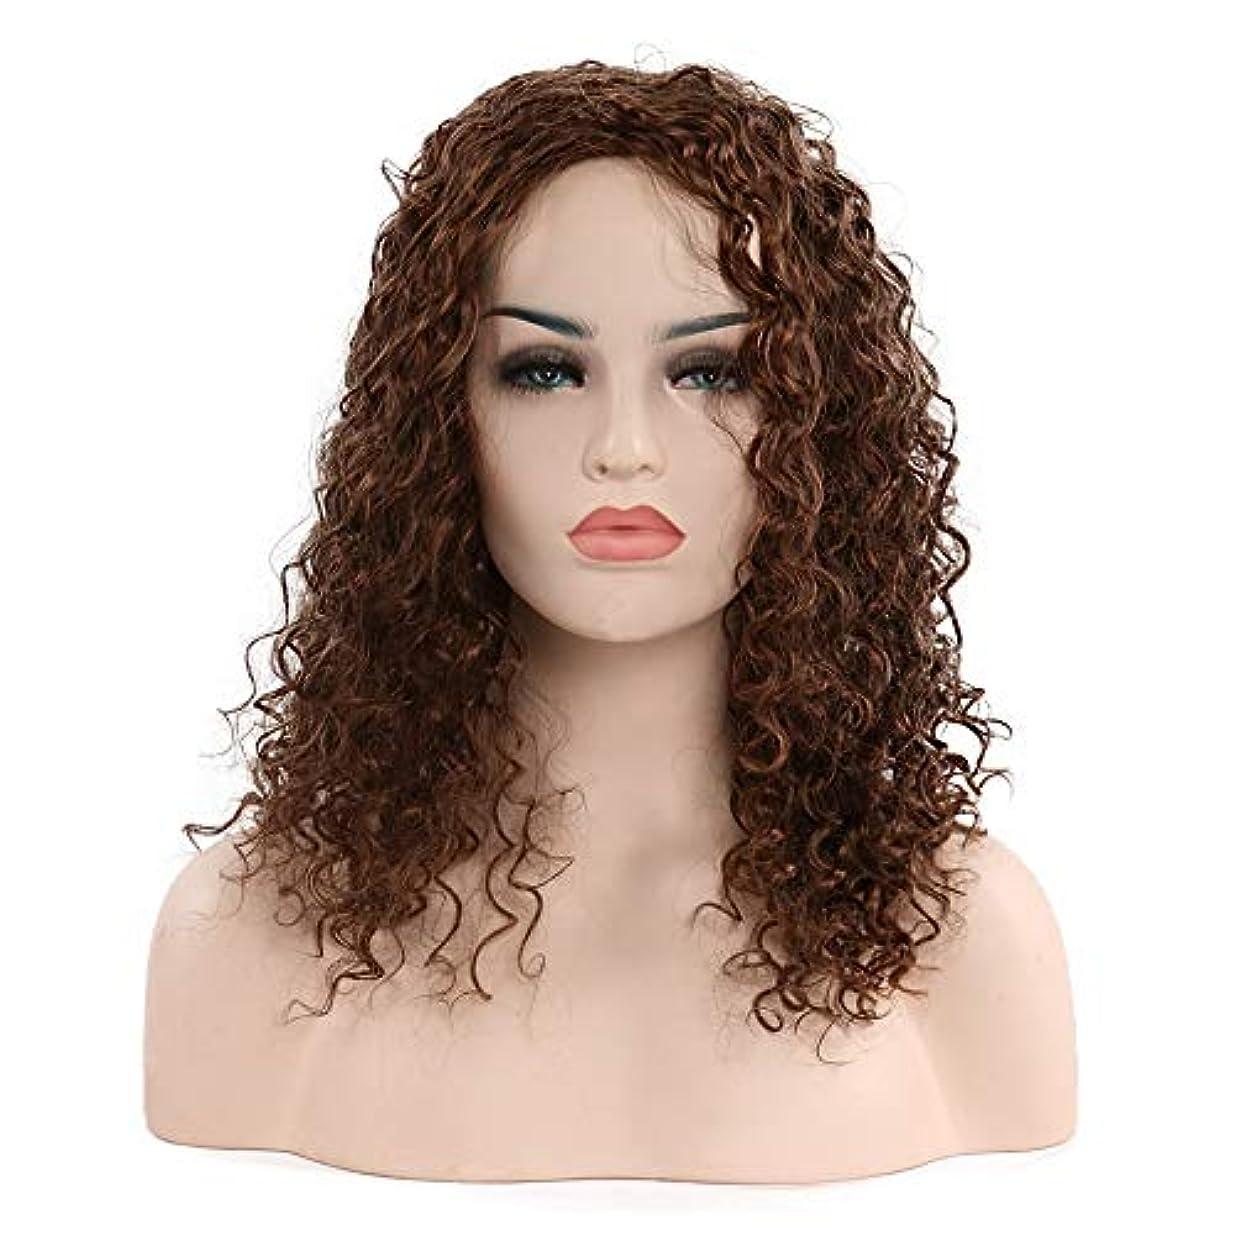 ラフトきょうだい閲覧する女性の短い巻き毛のかつら20インチ、小さなカールのかつら、自然な人間の髪の毛のかつら、耐熱性人工毛交換かつら、ハロウィーンコスプレパーティー衣装ウィッグ (Color : Brown)